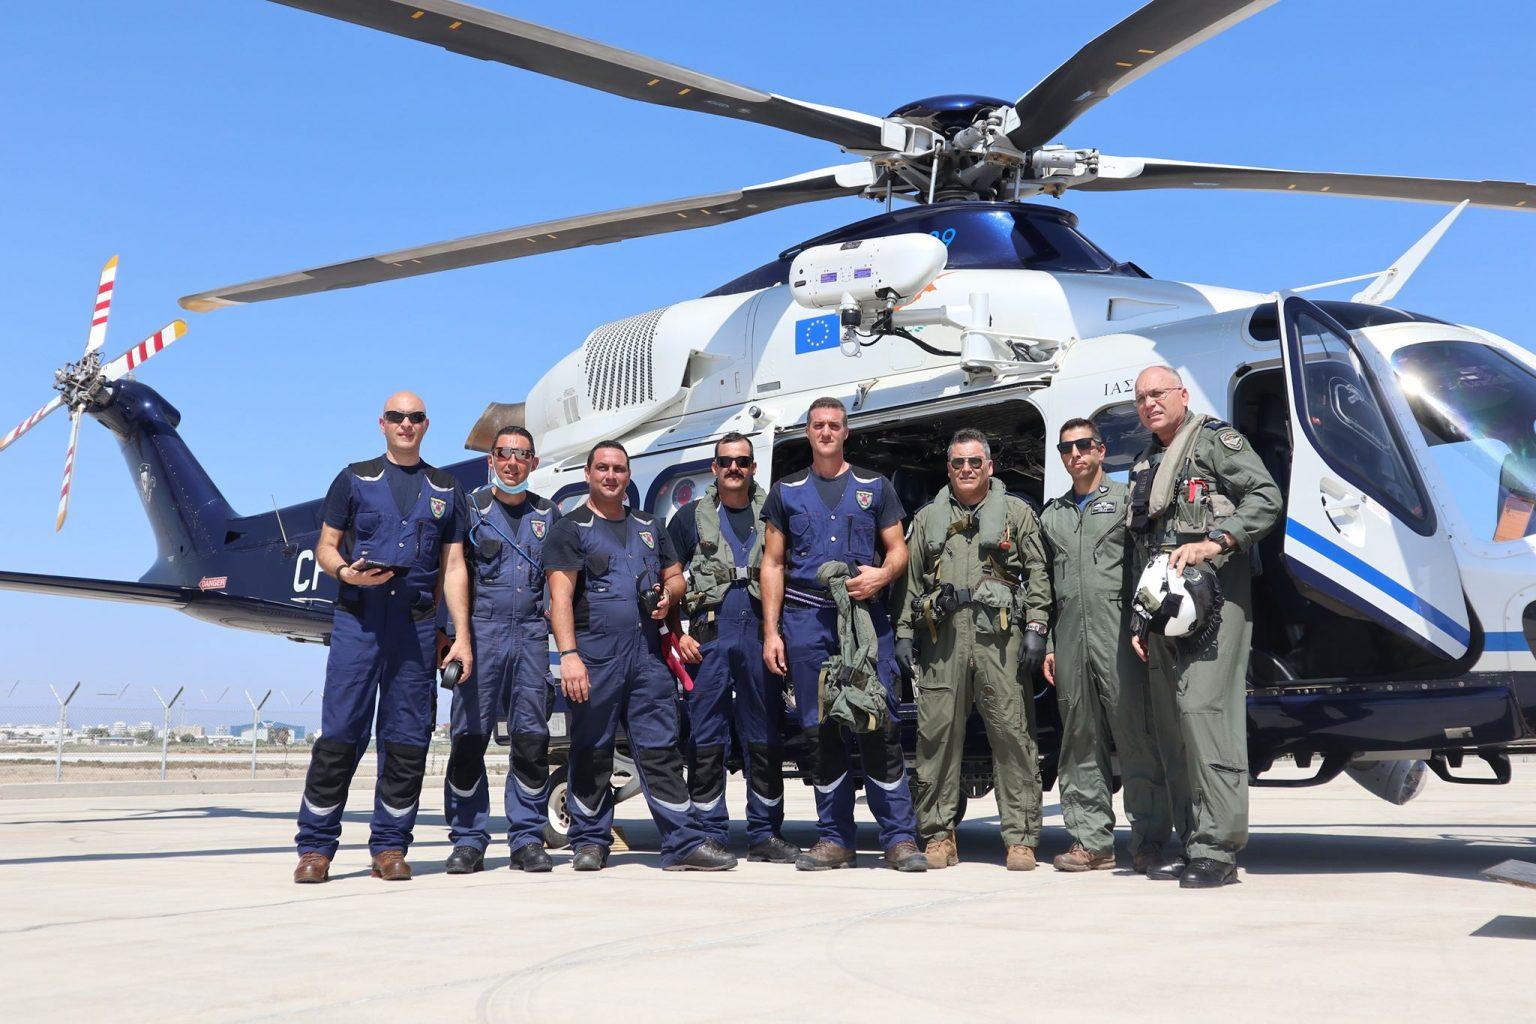 Αστυνομία Κύπρου: Ολοκληρώθηκαν οι έρευνες στην Βυρητό (ΒΙΝΤΕΟ)